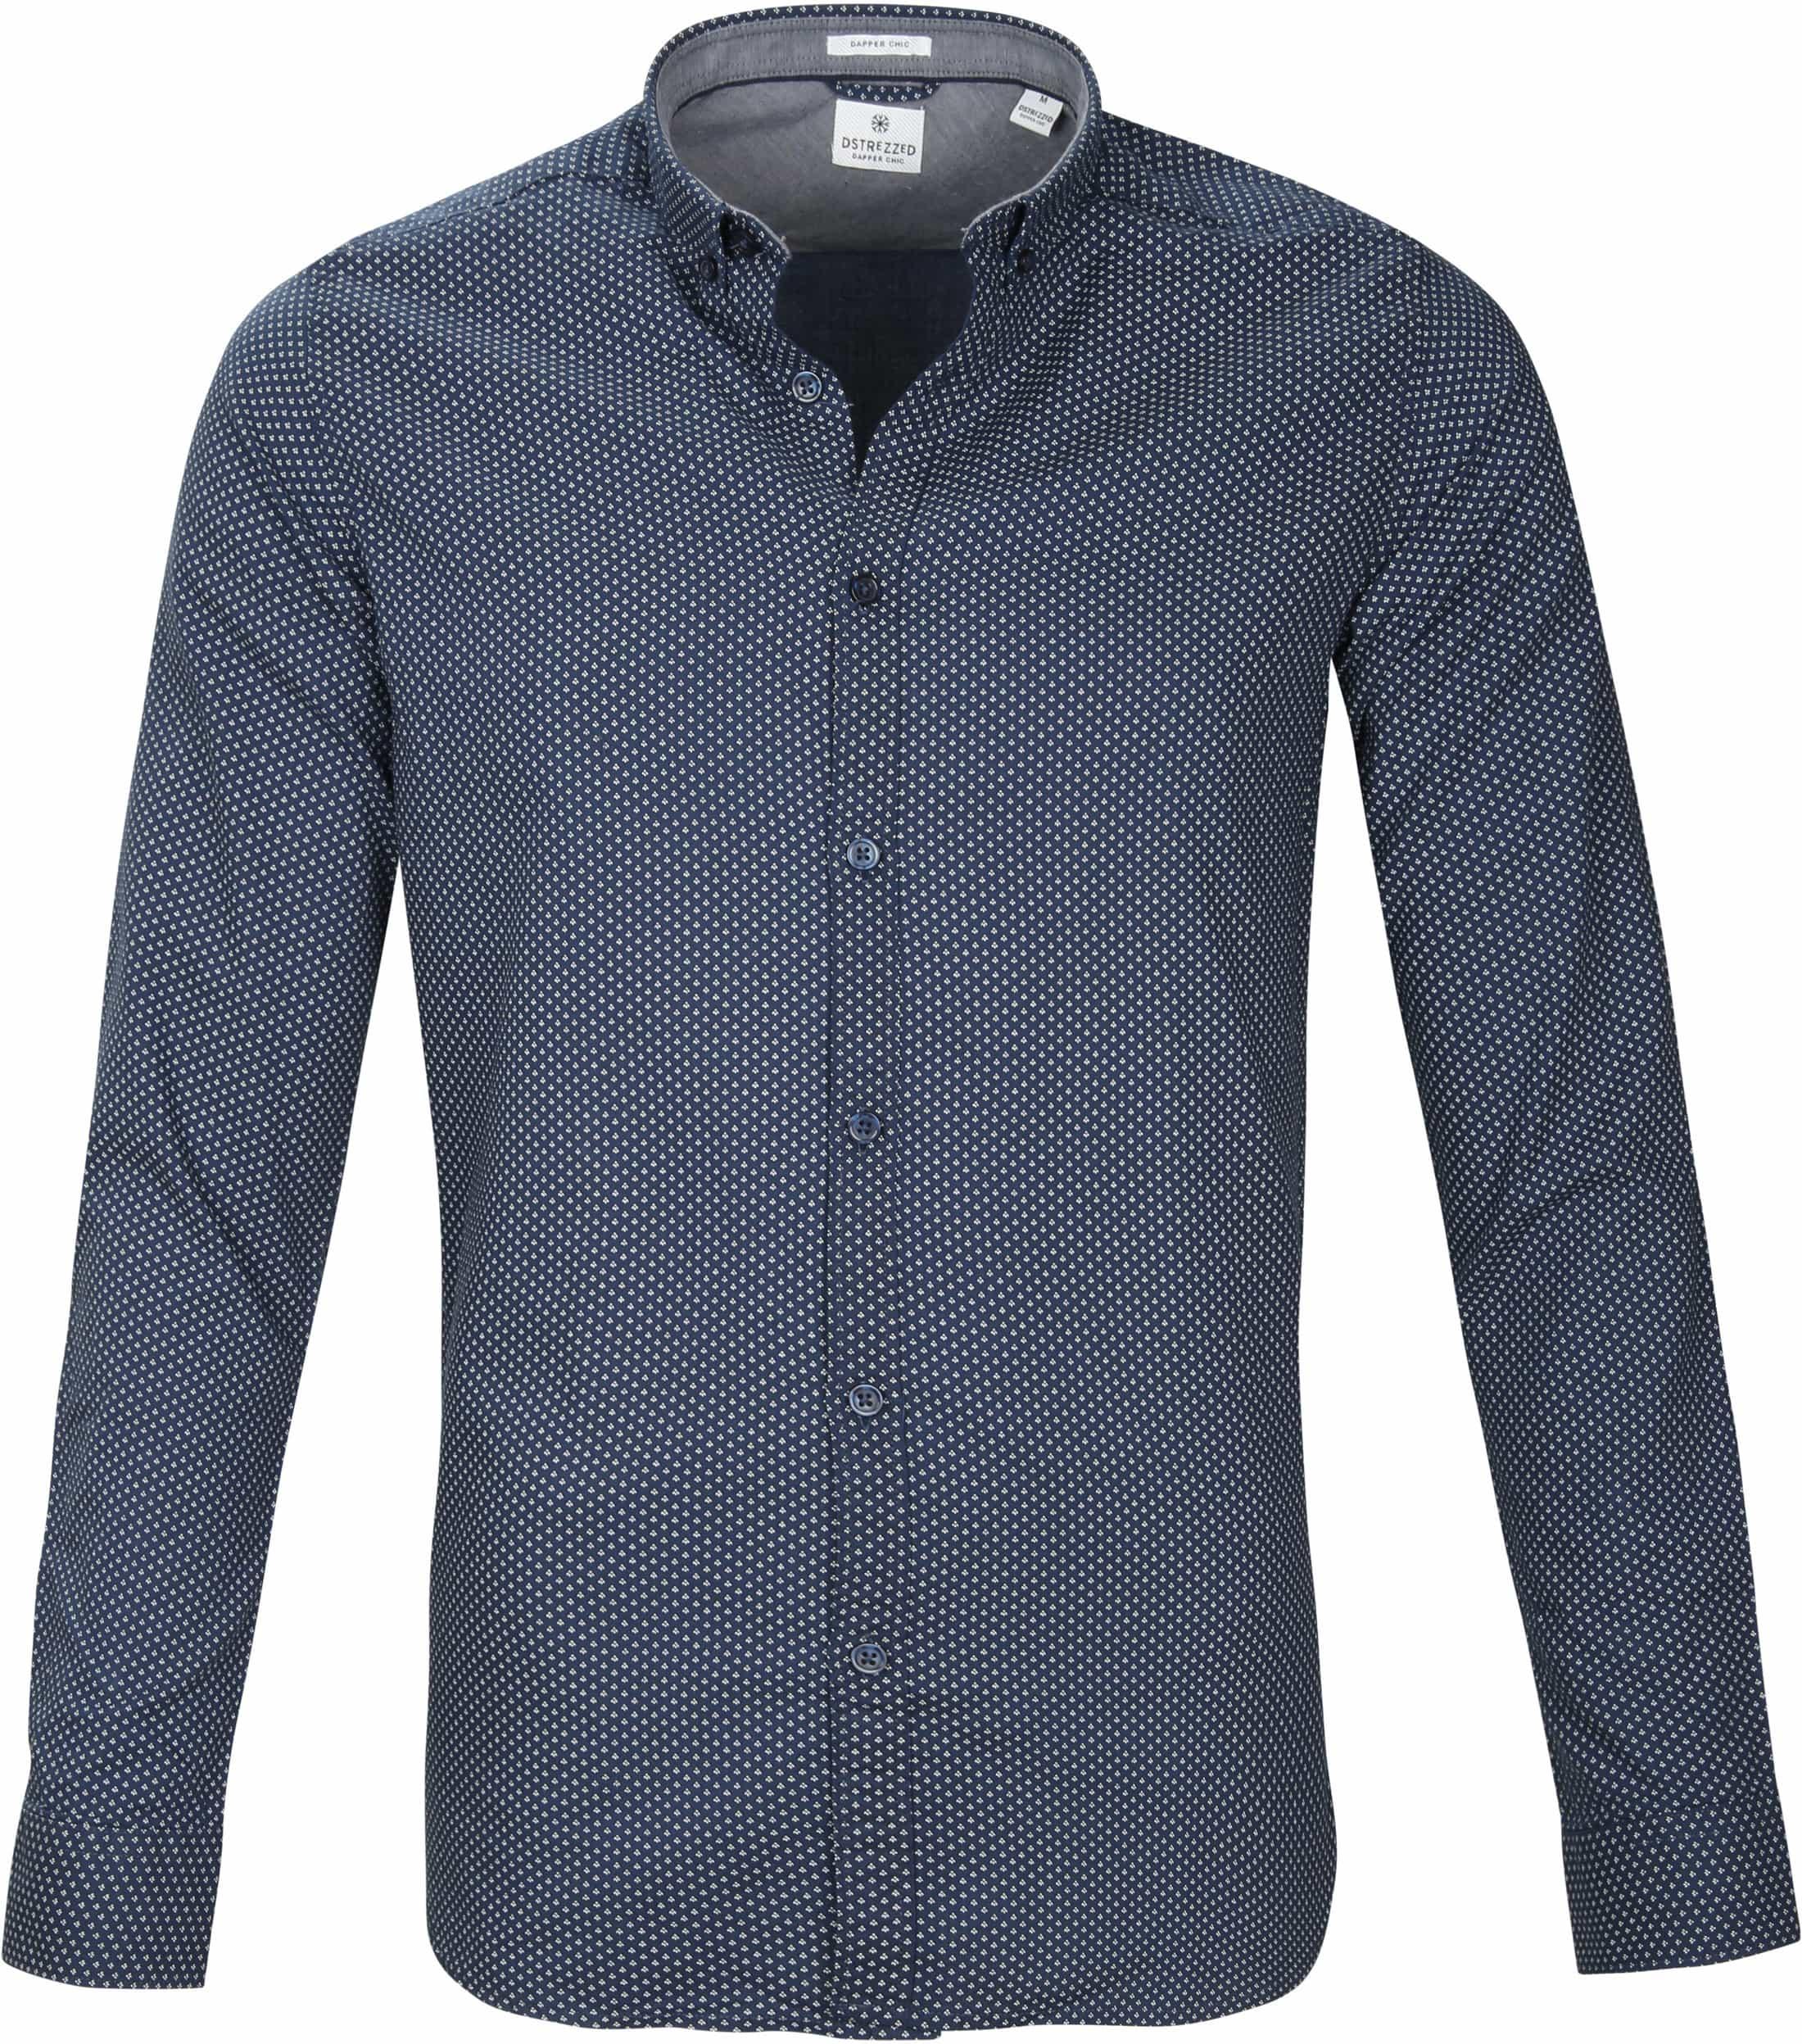 Dstrezzed Overhemd Navy Patroon foto 0